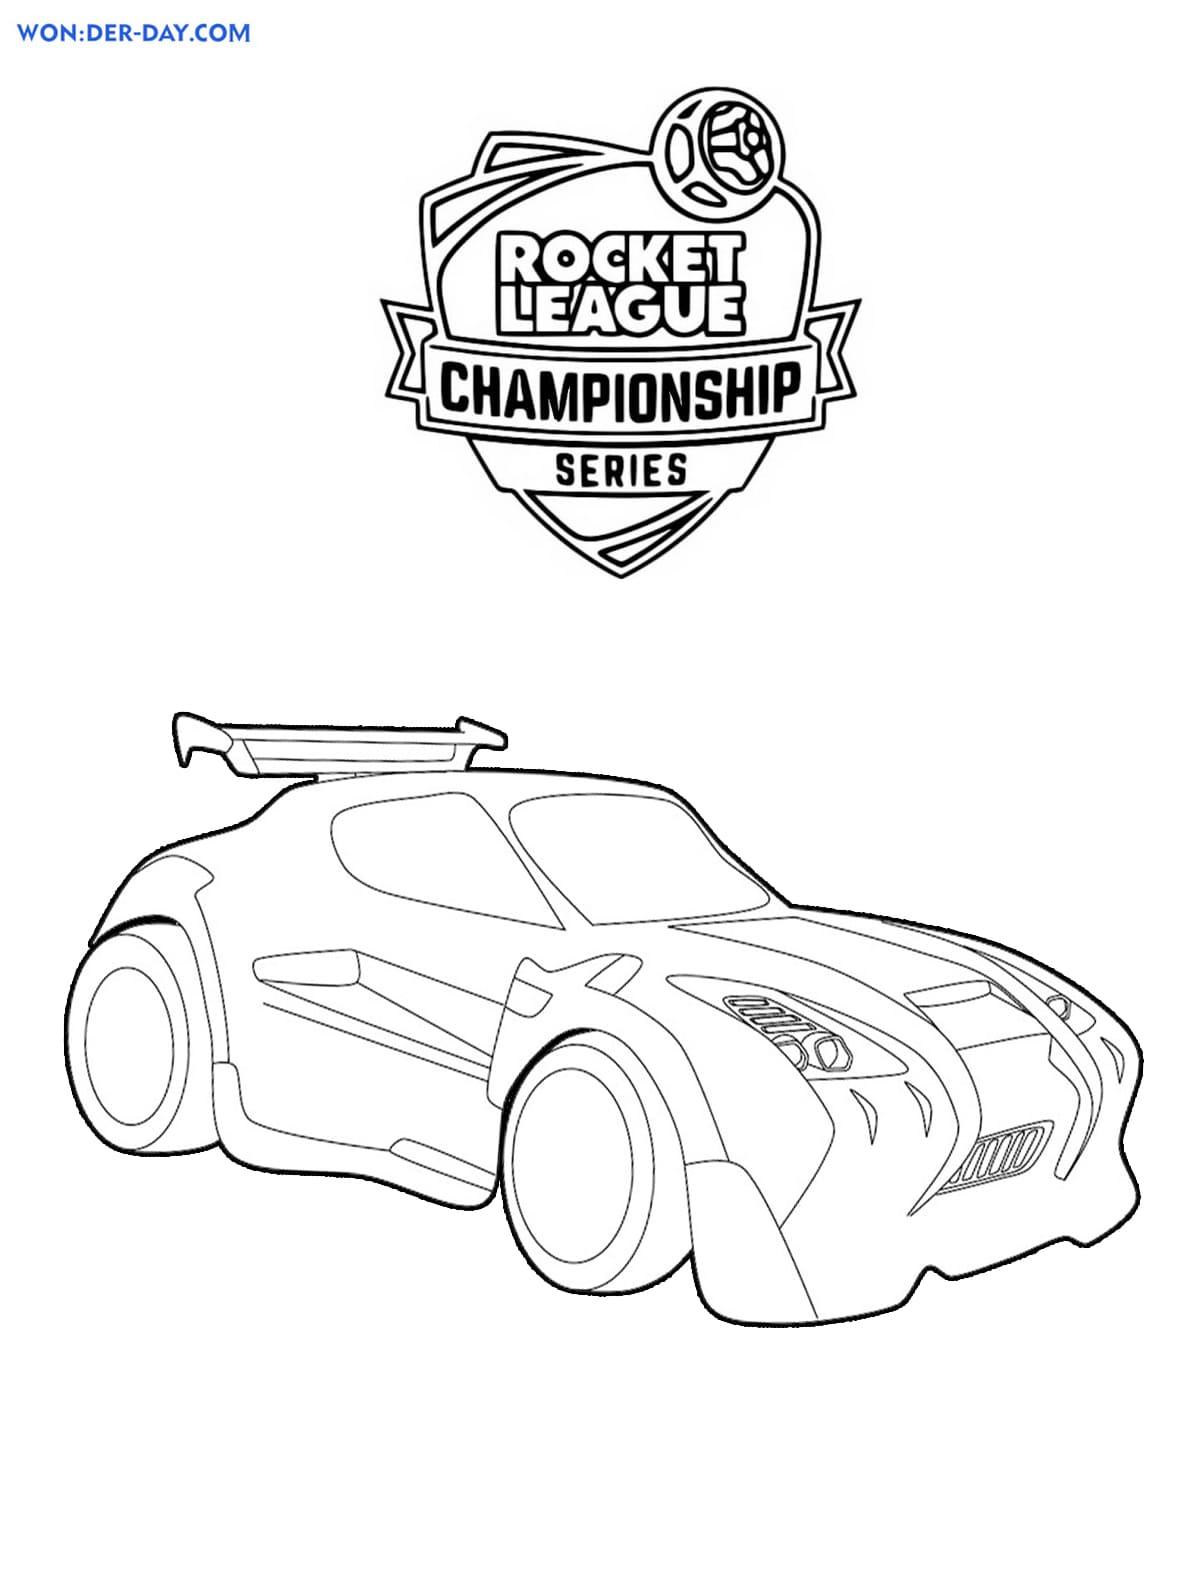 Rocket League Drawing : rocket, league, drawing, Rocket, League, Coloring, Pages, Print, WONDER